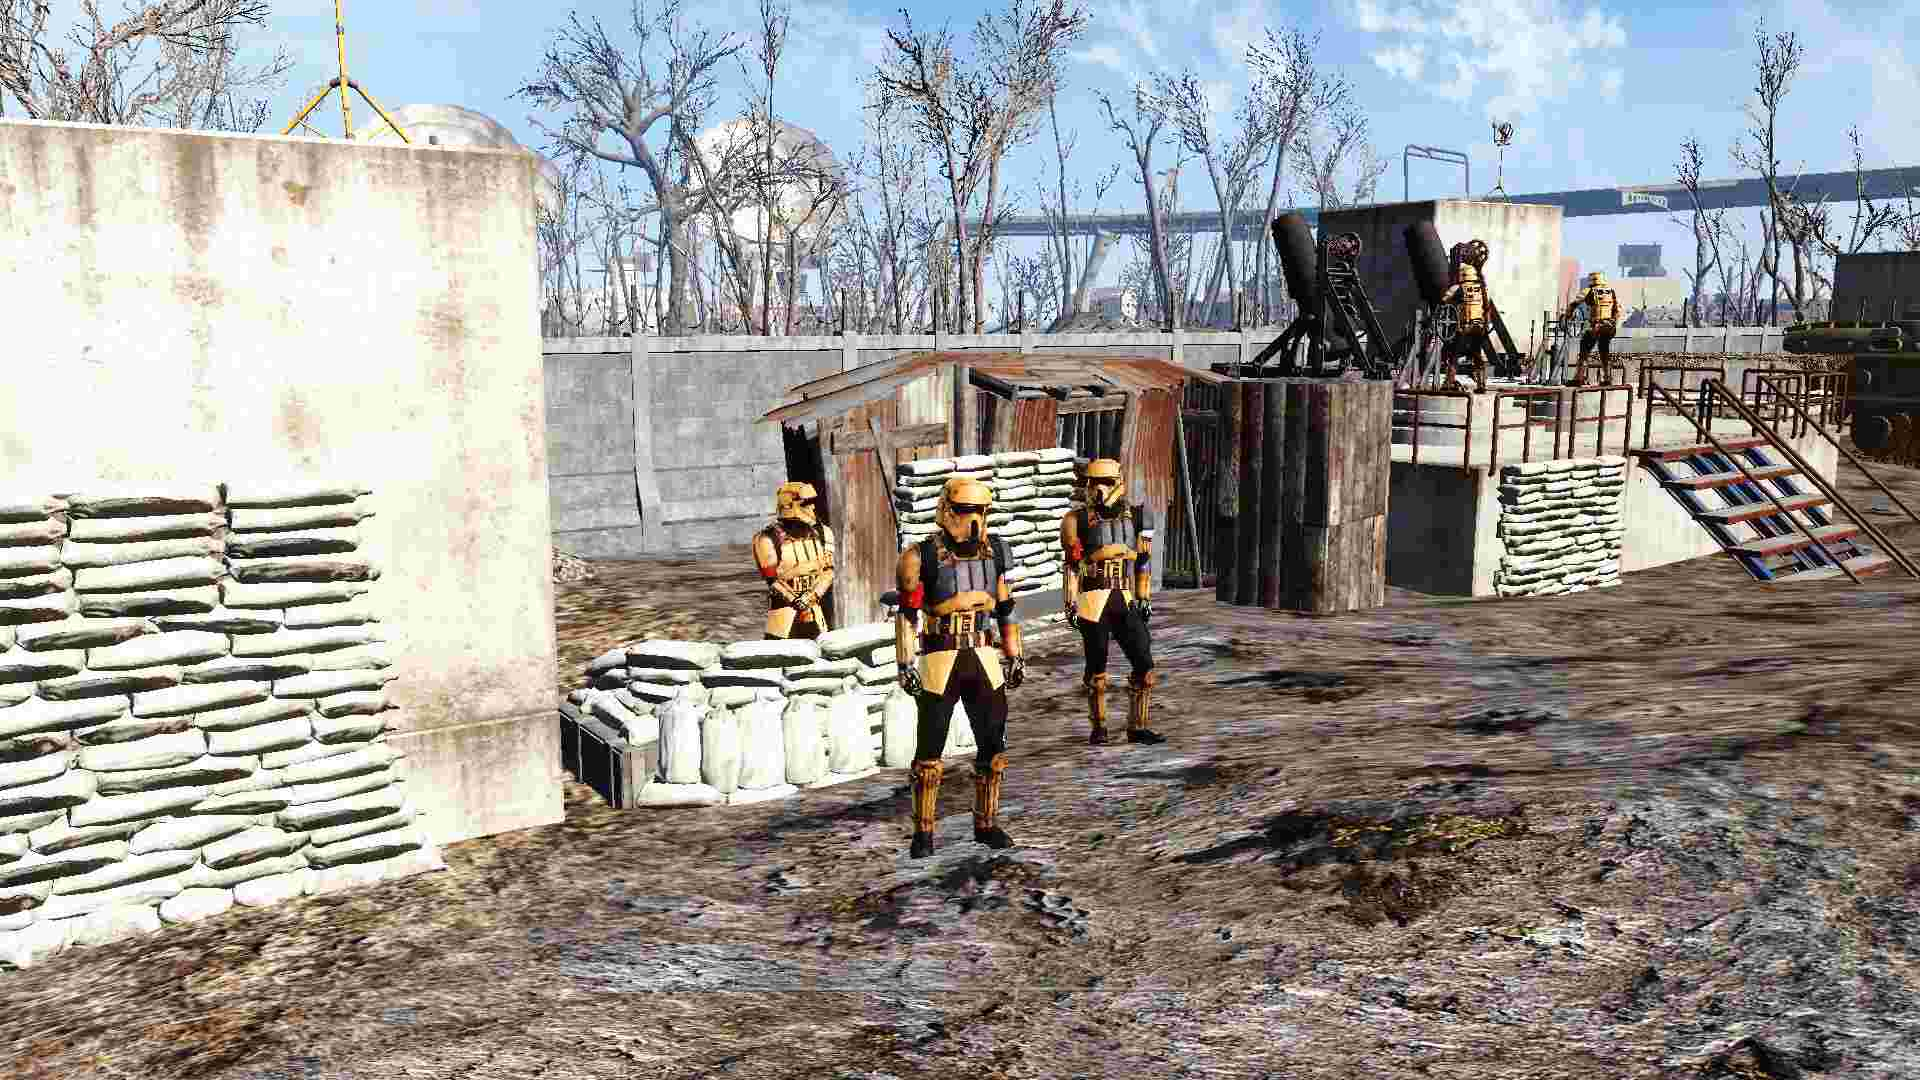 [Información] Rogue One en Fallout 4 20170111